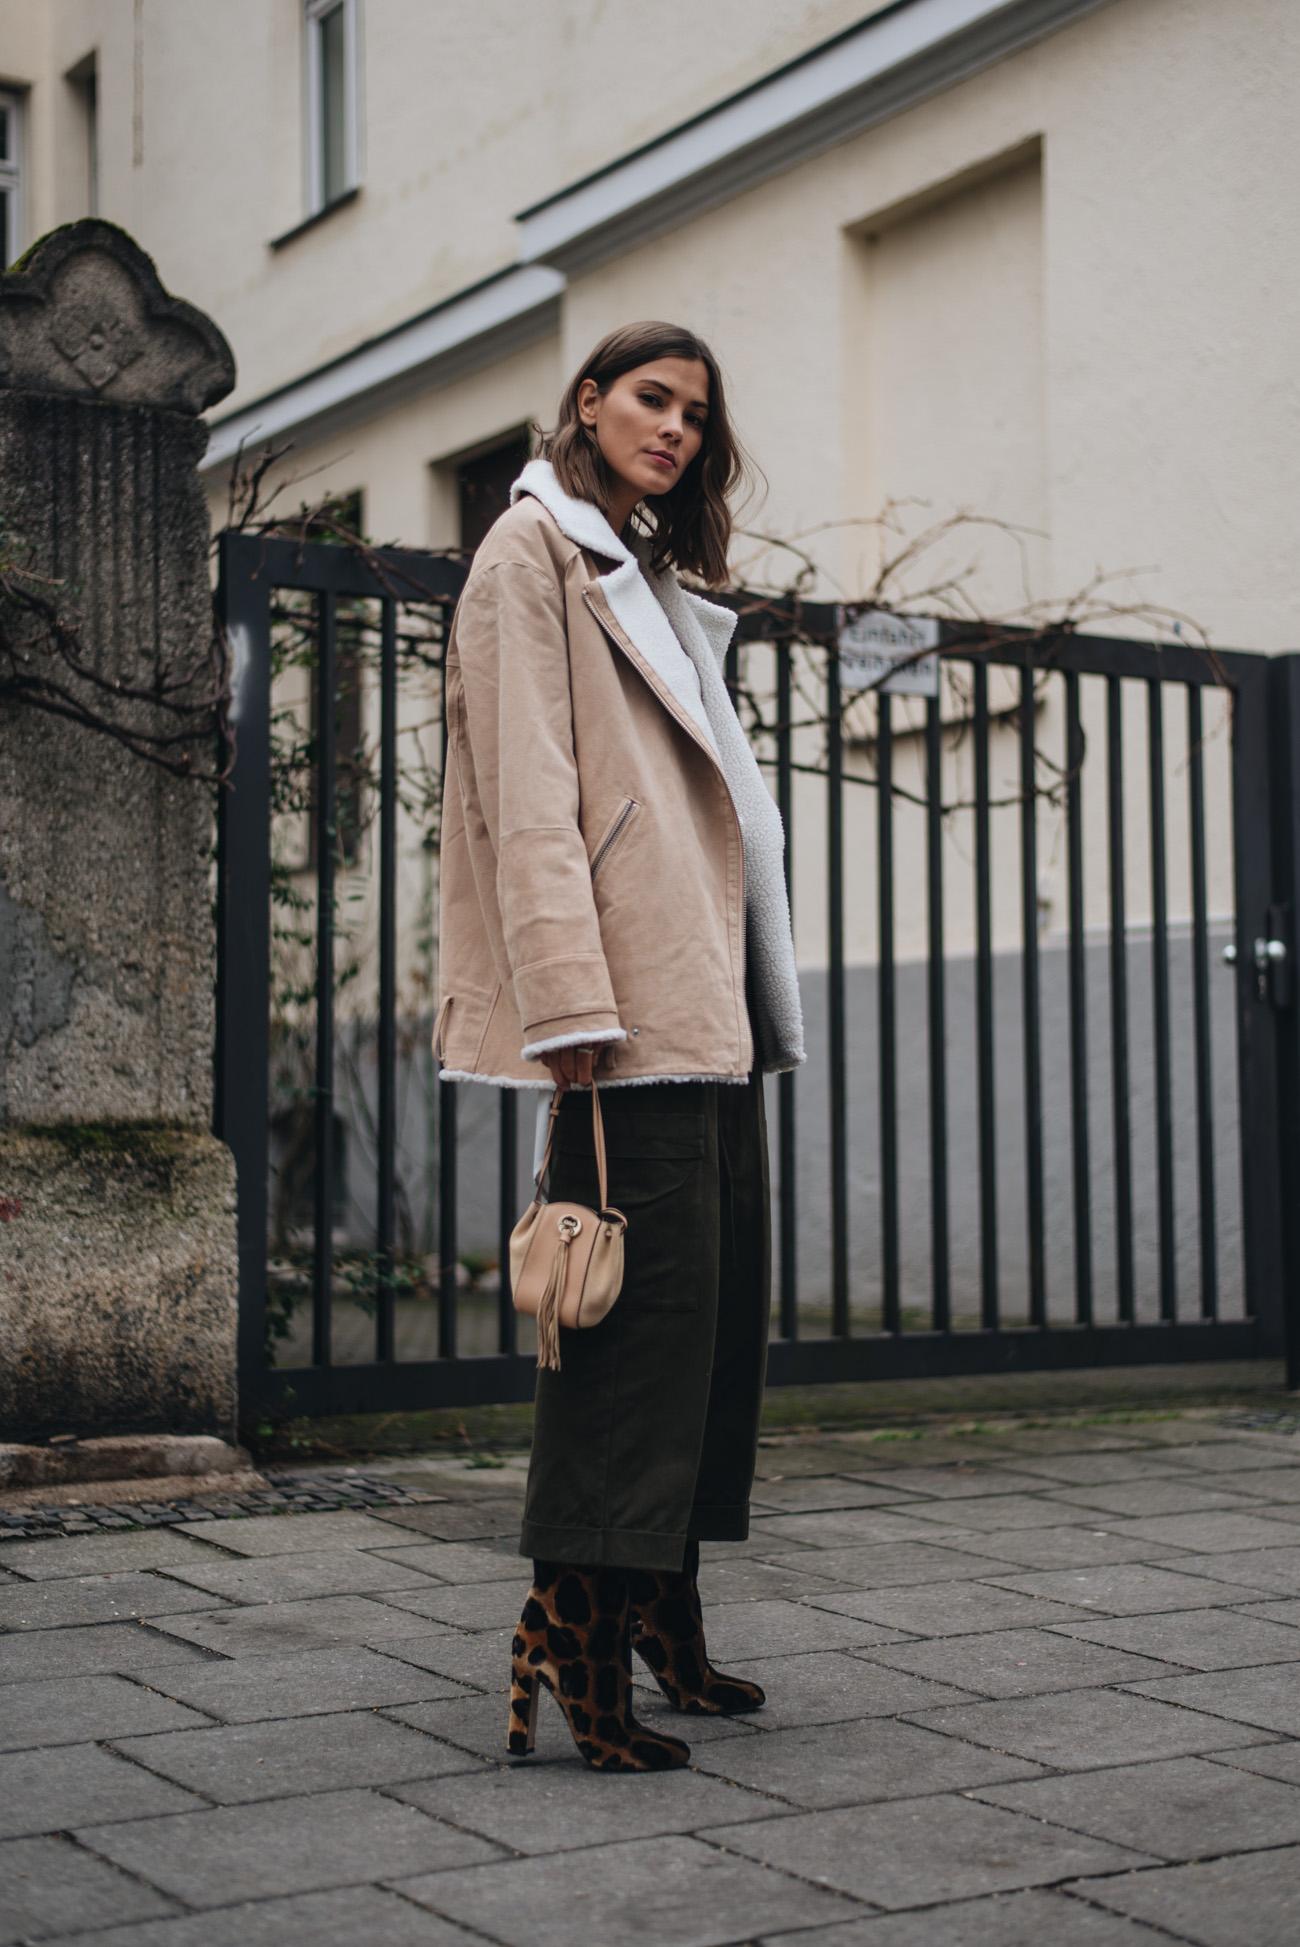 Clavi-cut-frisur-haarschnitt-kurze-haare-frisurentrends-2018-Fashion-bloggerin-deutschland-münchen-nina-schwichtenberg-fashiioncarpet